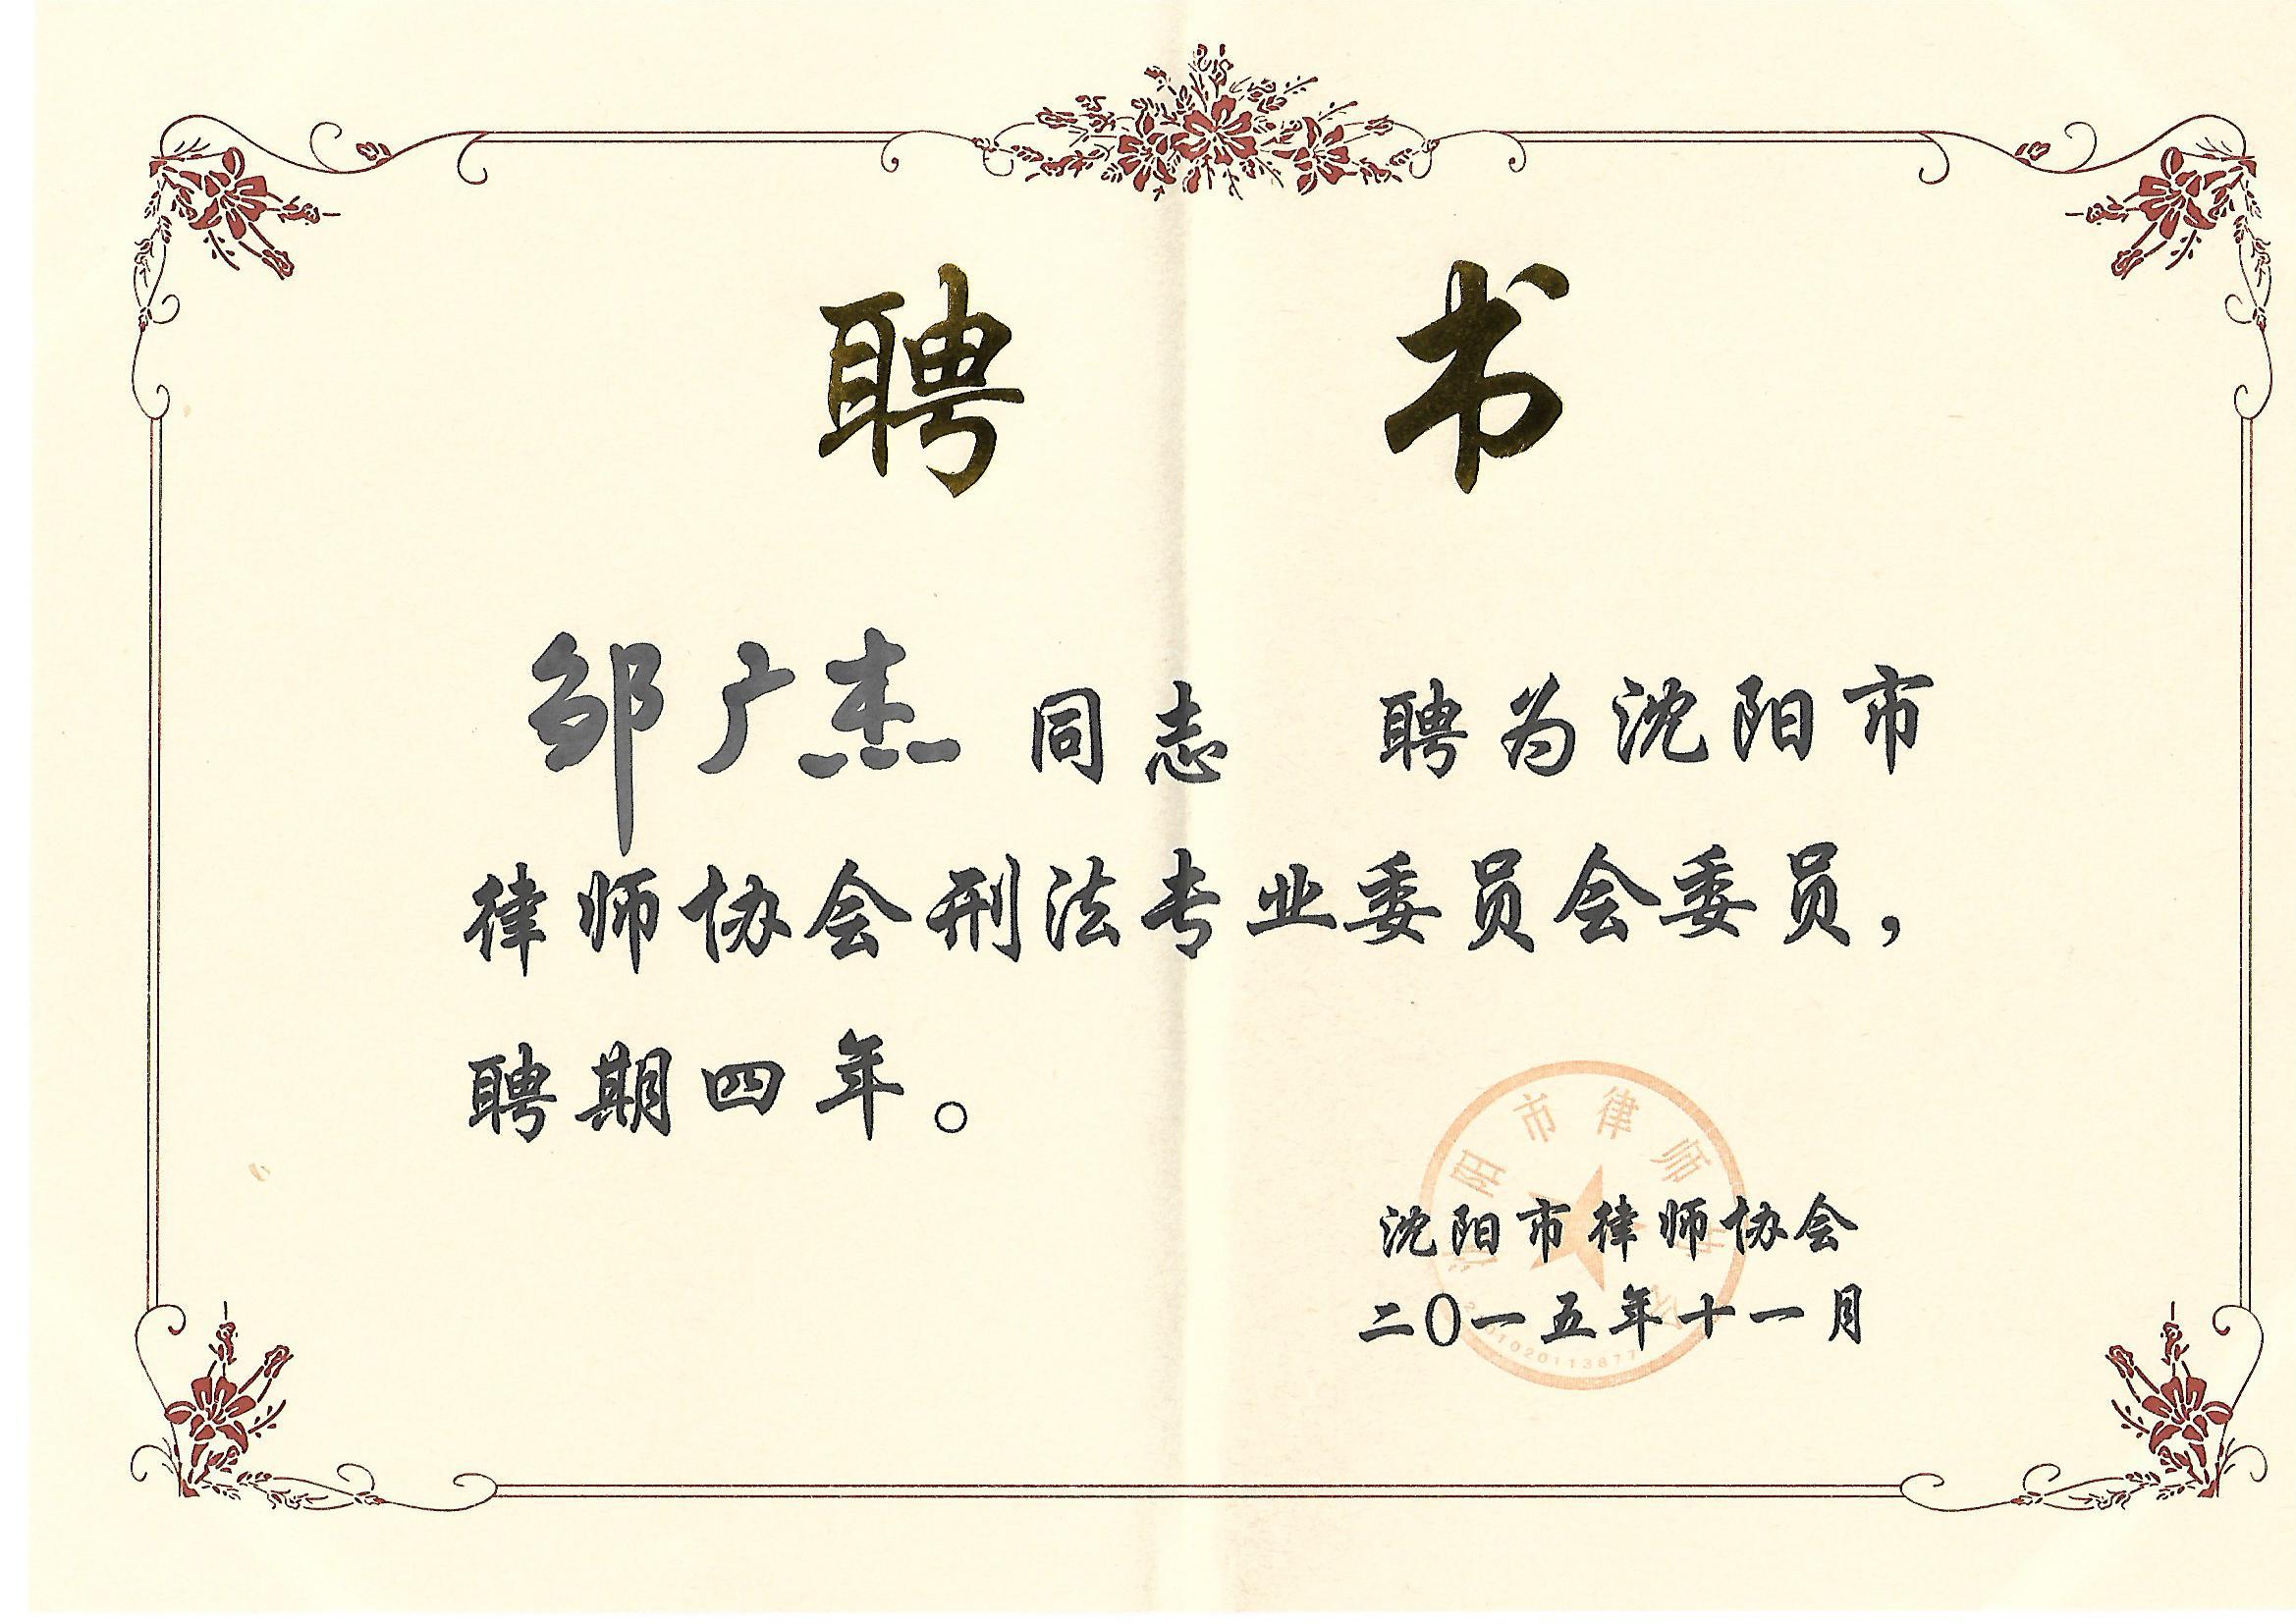 沈阳市律师协会刑法专业委员会委员聘书